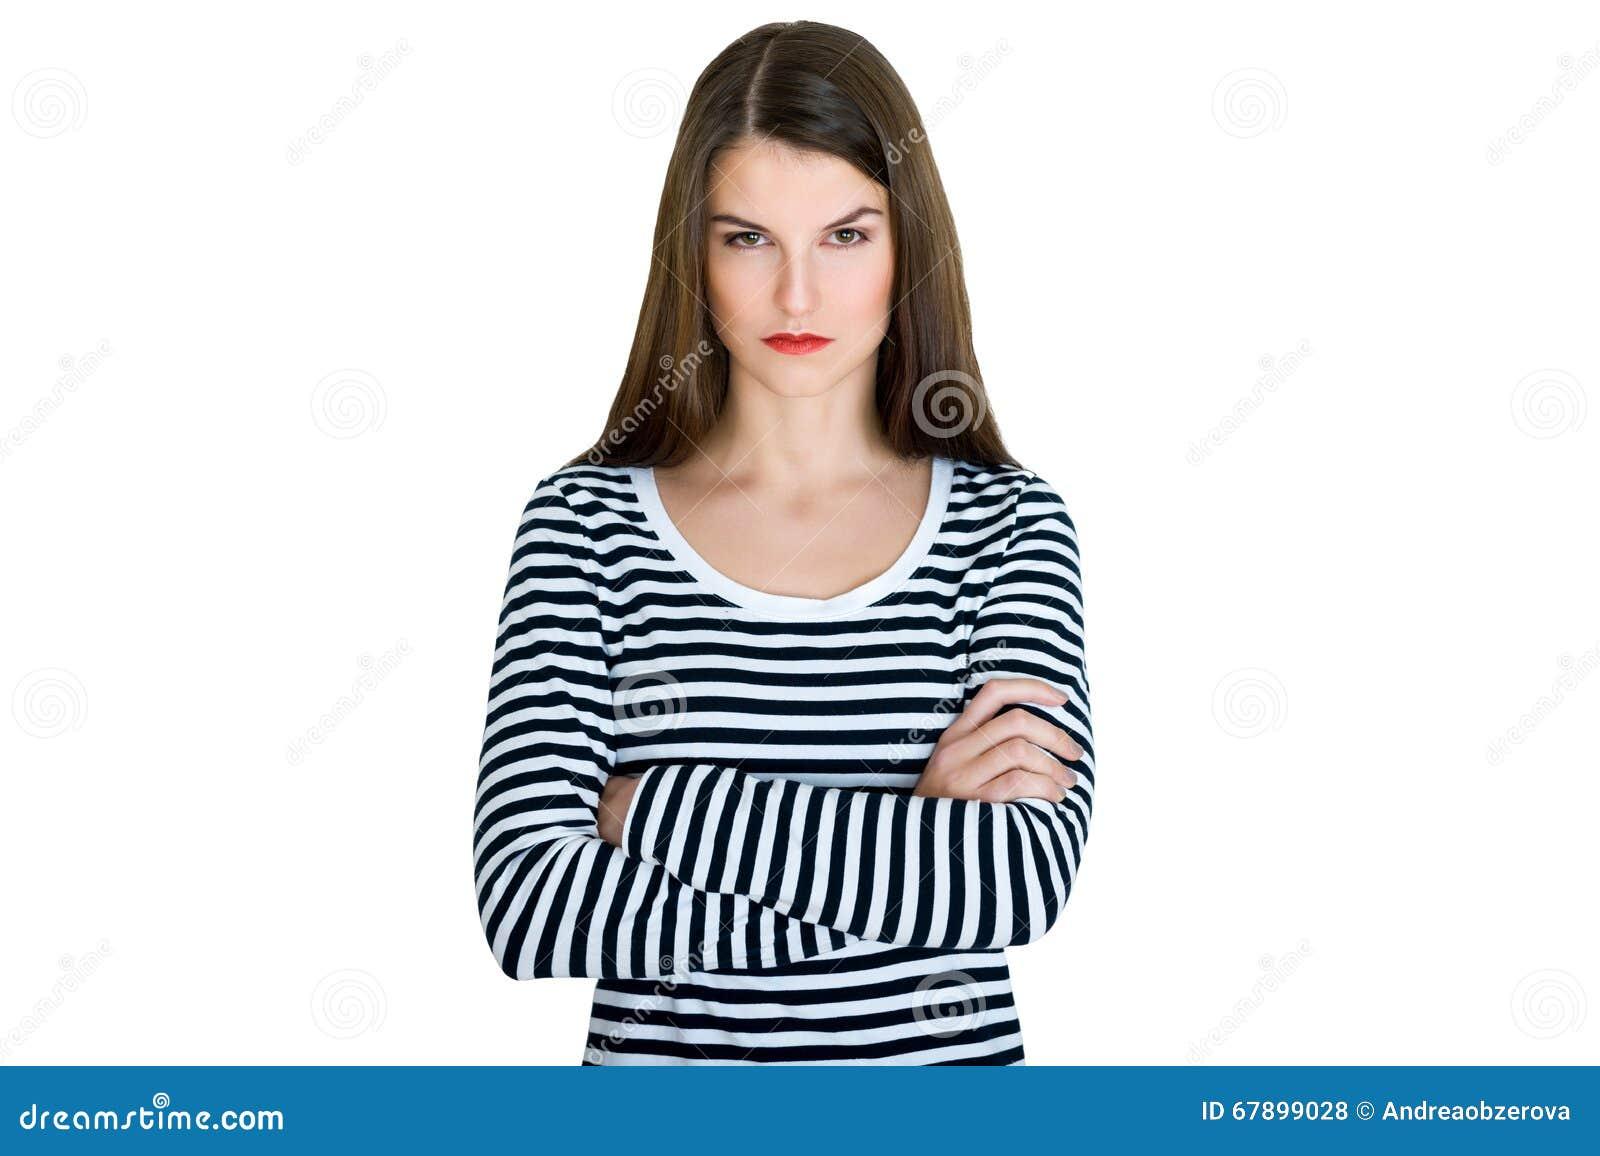 96afc8ba4 Retrato Enojado Serio Joven De La Mujer Foto de archivo - Imagen de ...